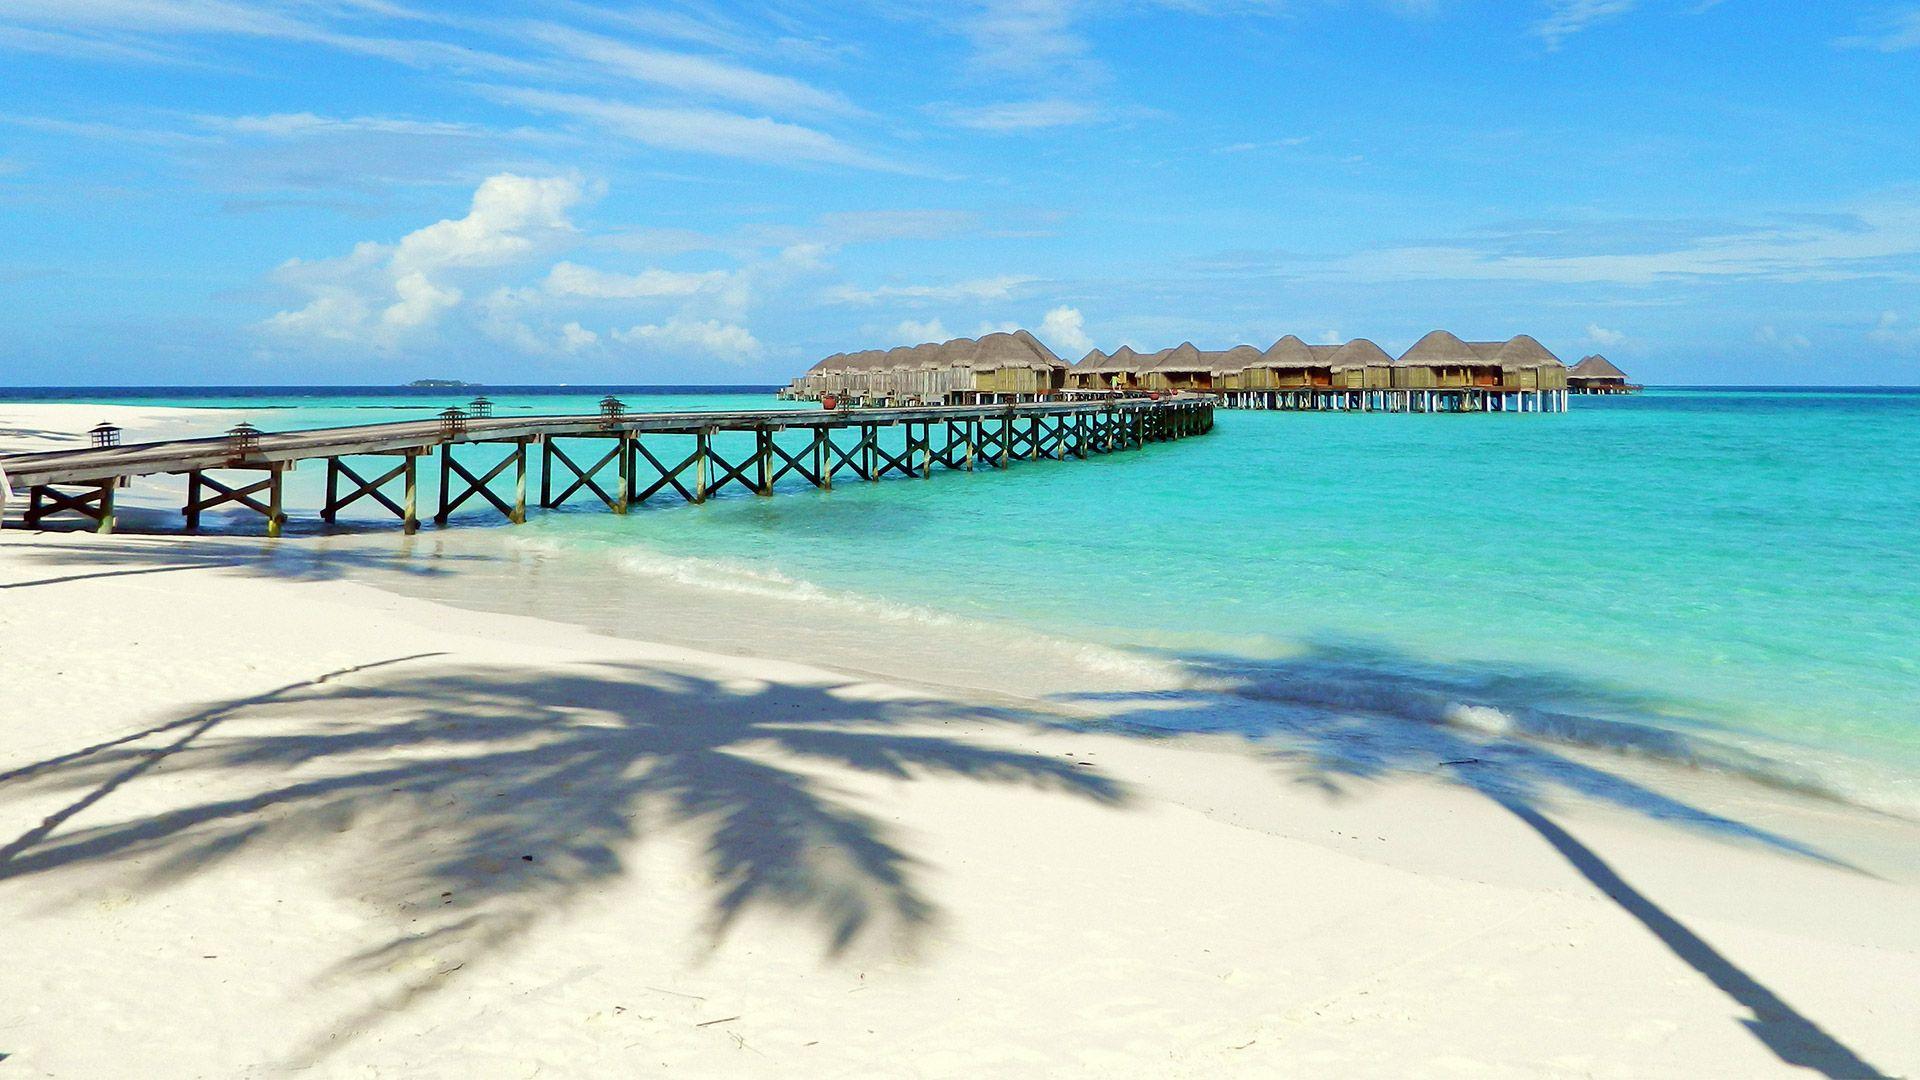 Sejur charter All Inclusive Maldive, 10 zile - 28 Noiembrie 2021